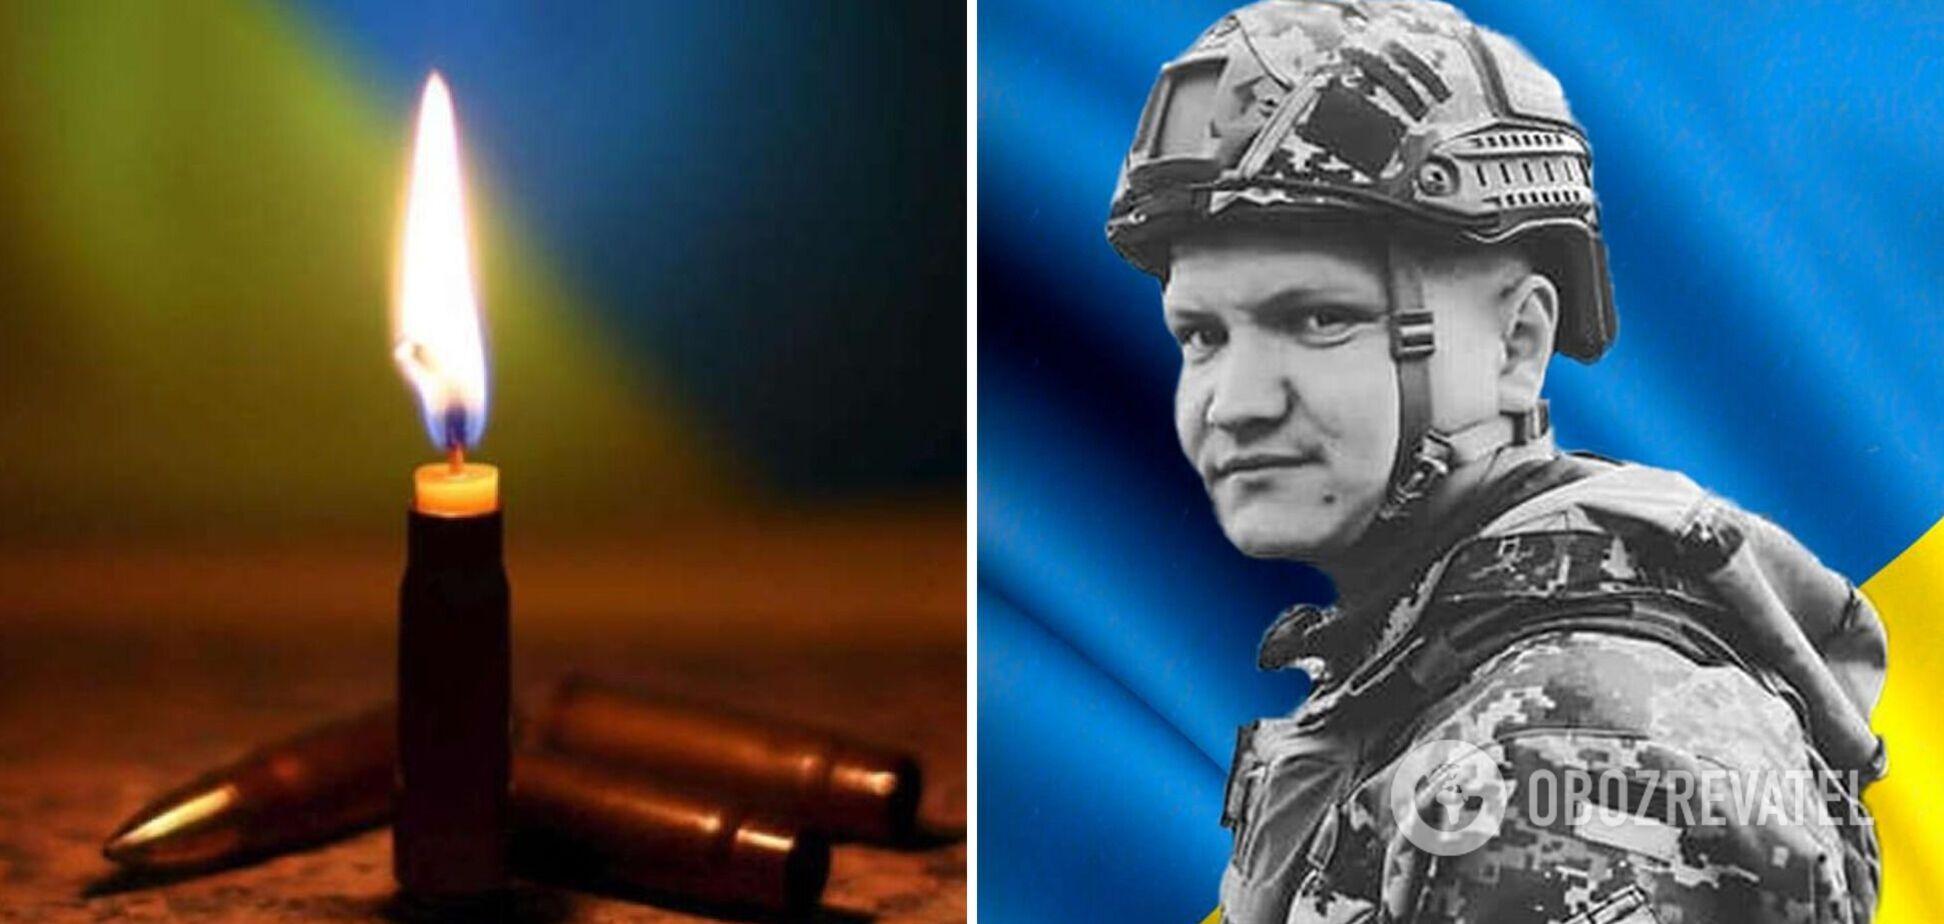 Стало відоме ім'я воїна ЗСУ, загиблого на Донбасі. Фото Героя